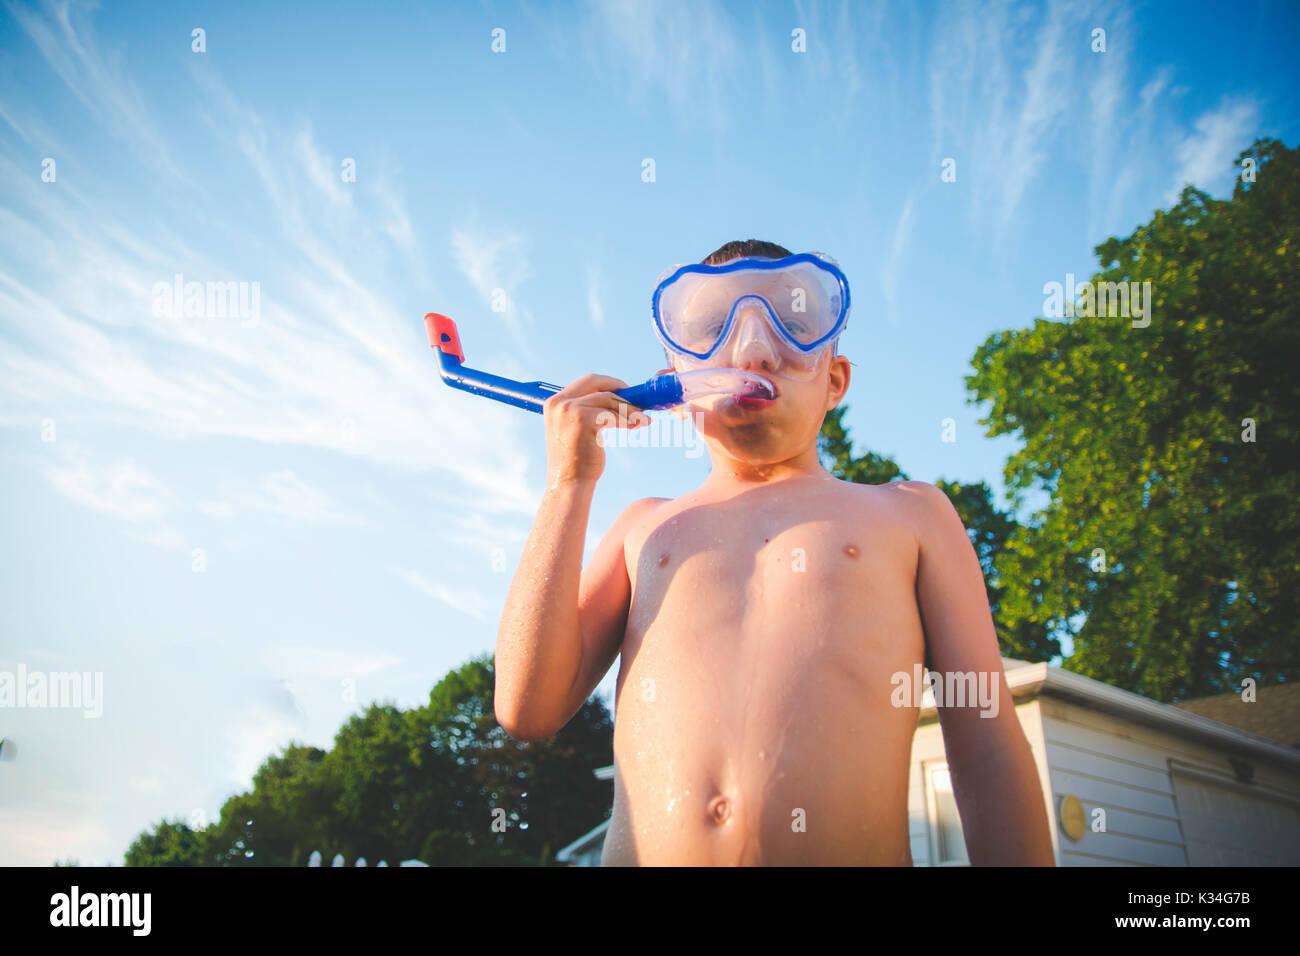 Un garçon porte un masque de plongée sous-marine contre un ciel bleu avec quelques nuages. Photo Stock